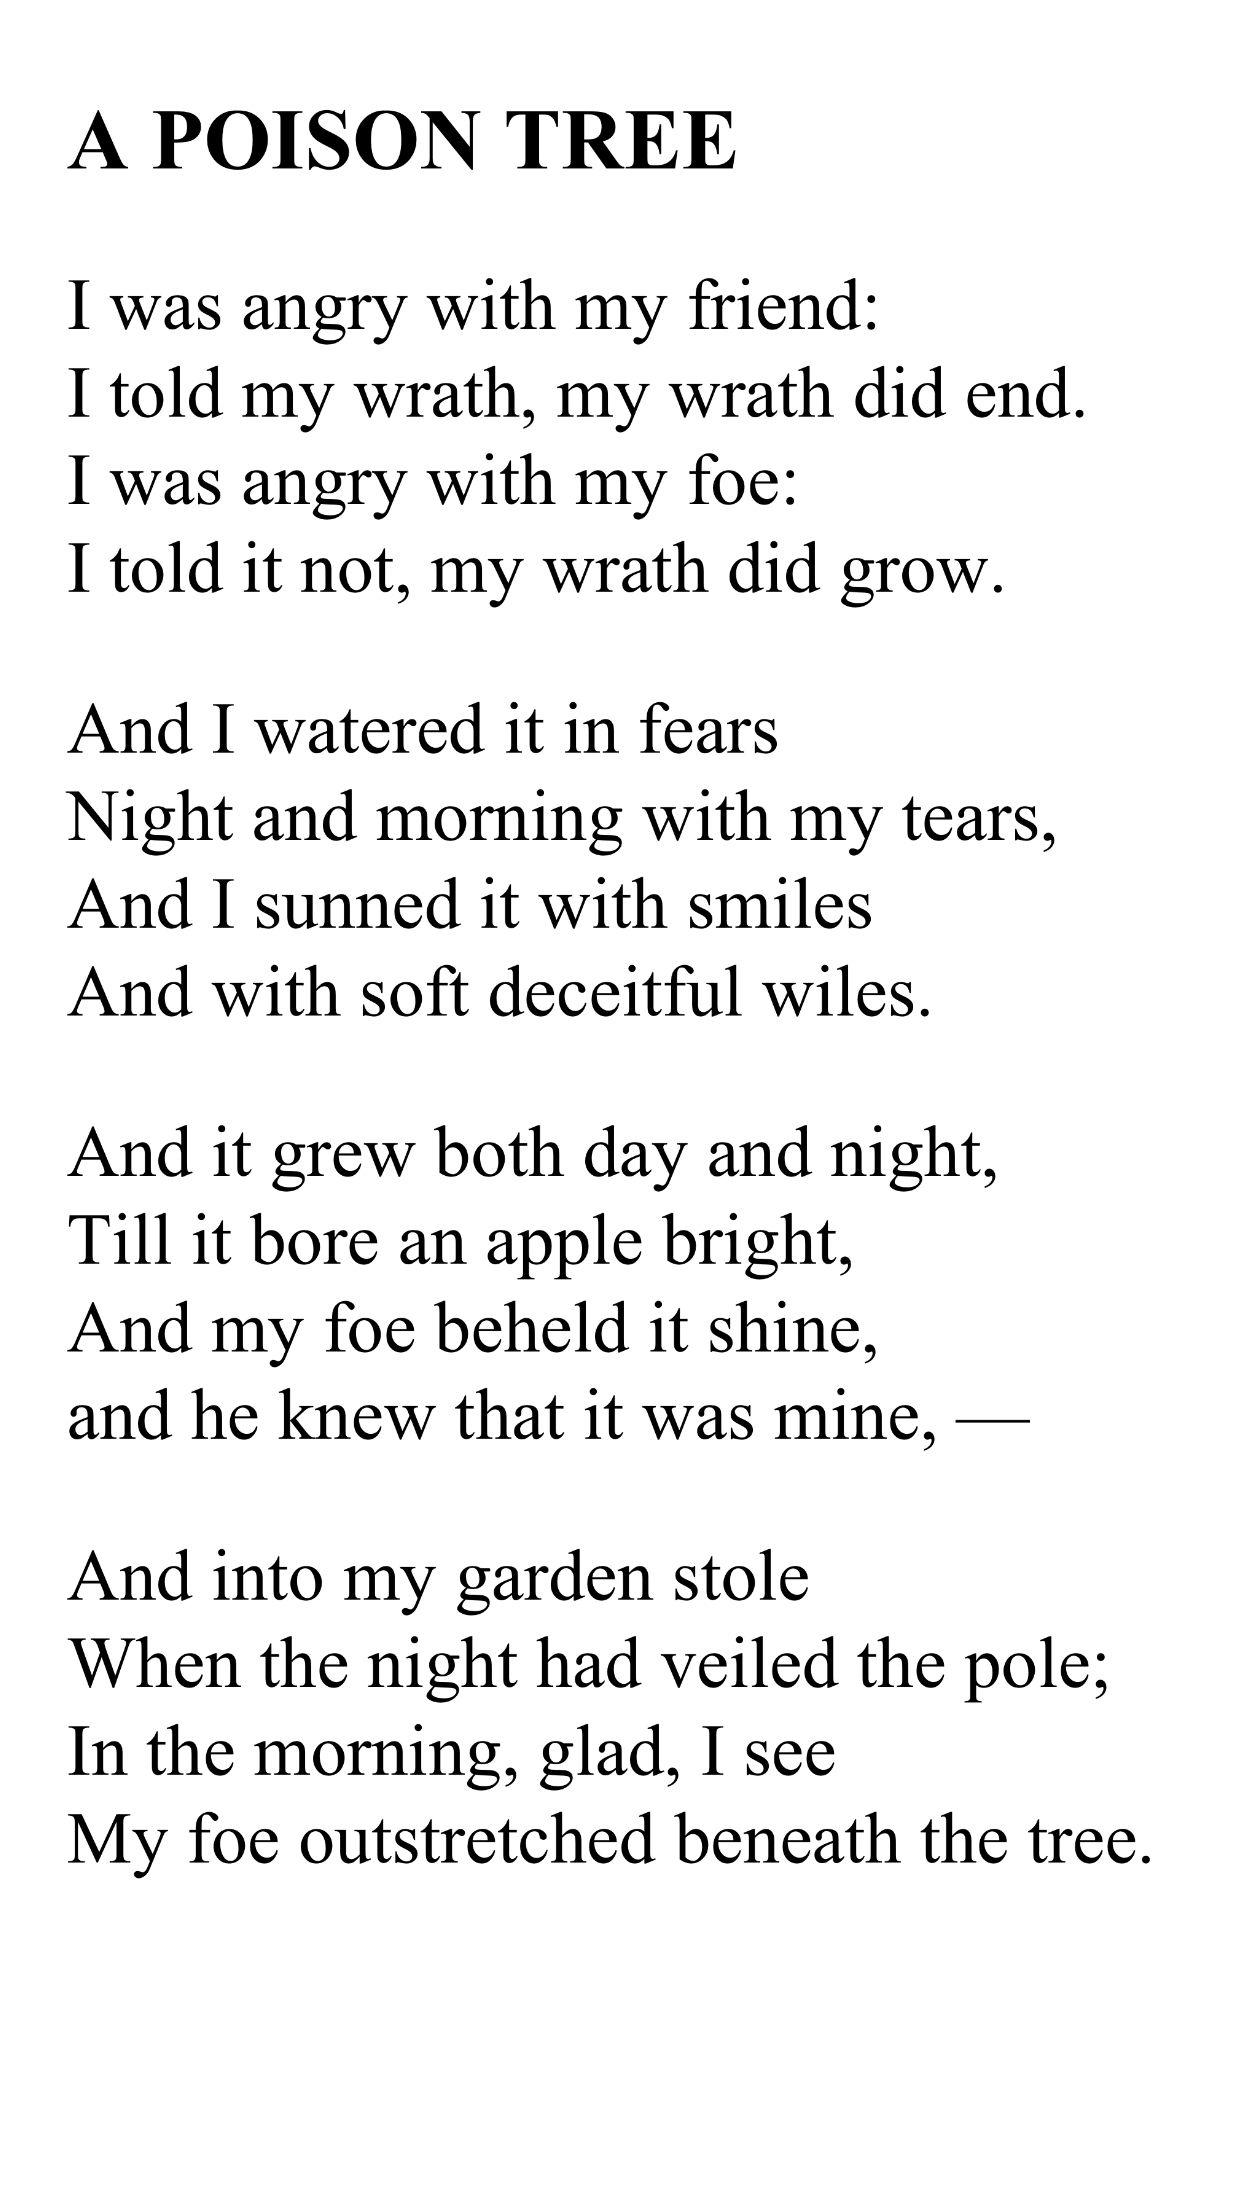 Poison Tree Poem By William Blake